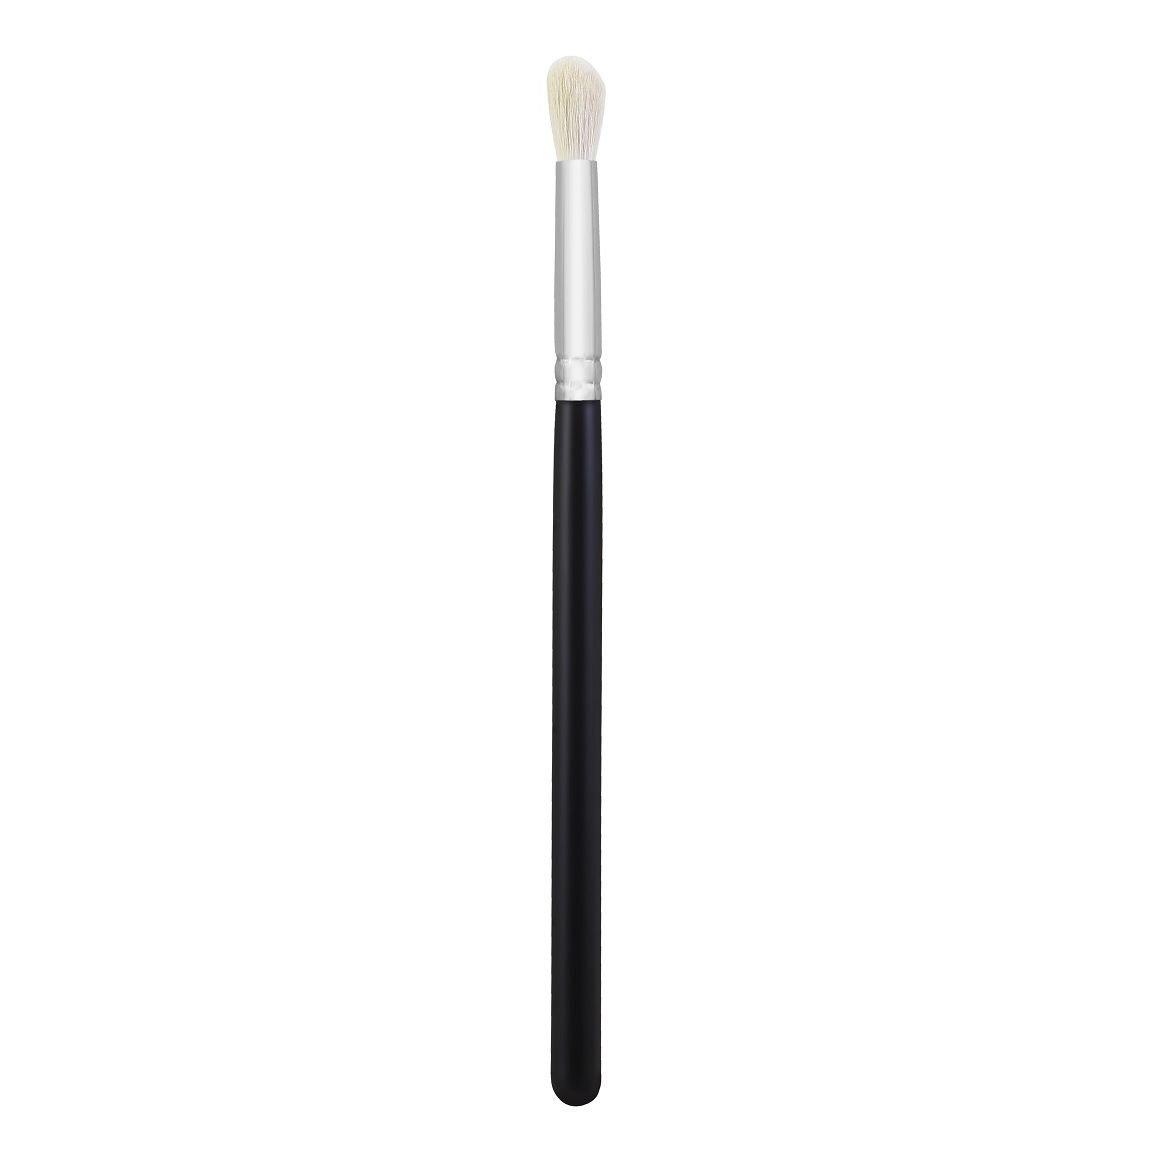 Morphe Brushes M441- Pro Firm Blending Crease by Morphe Brushes